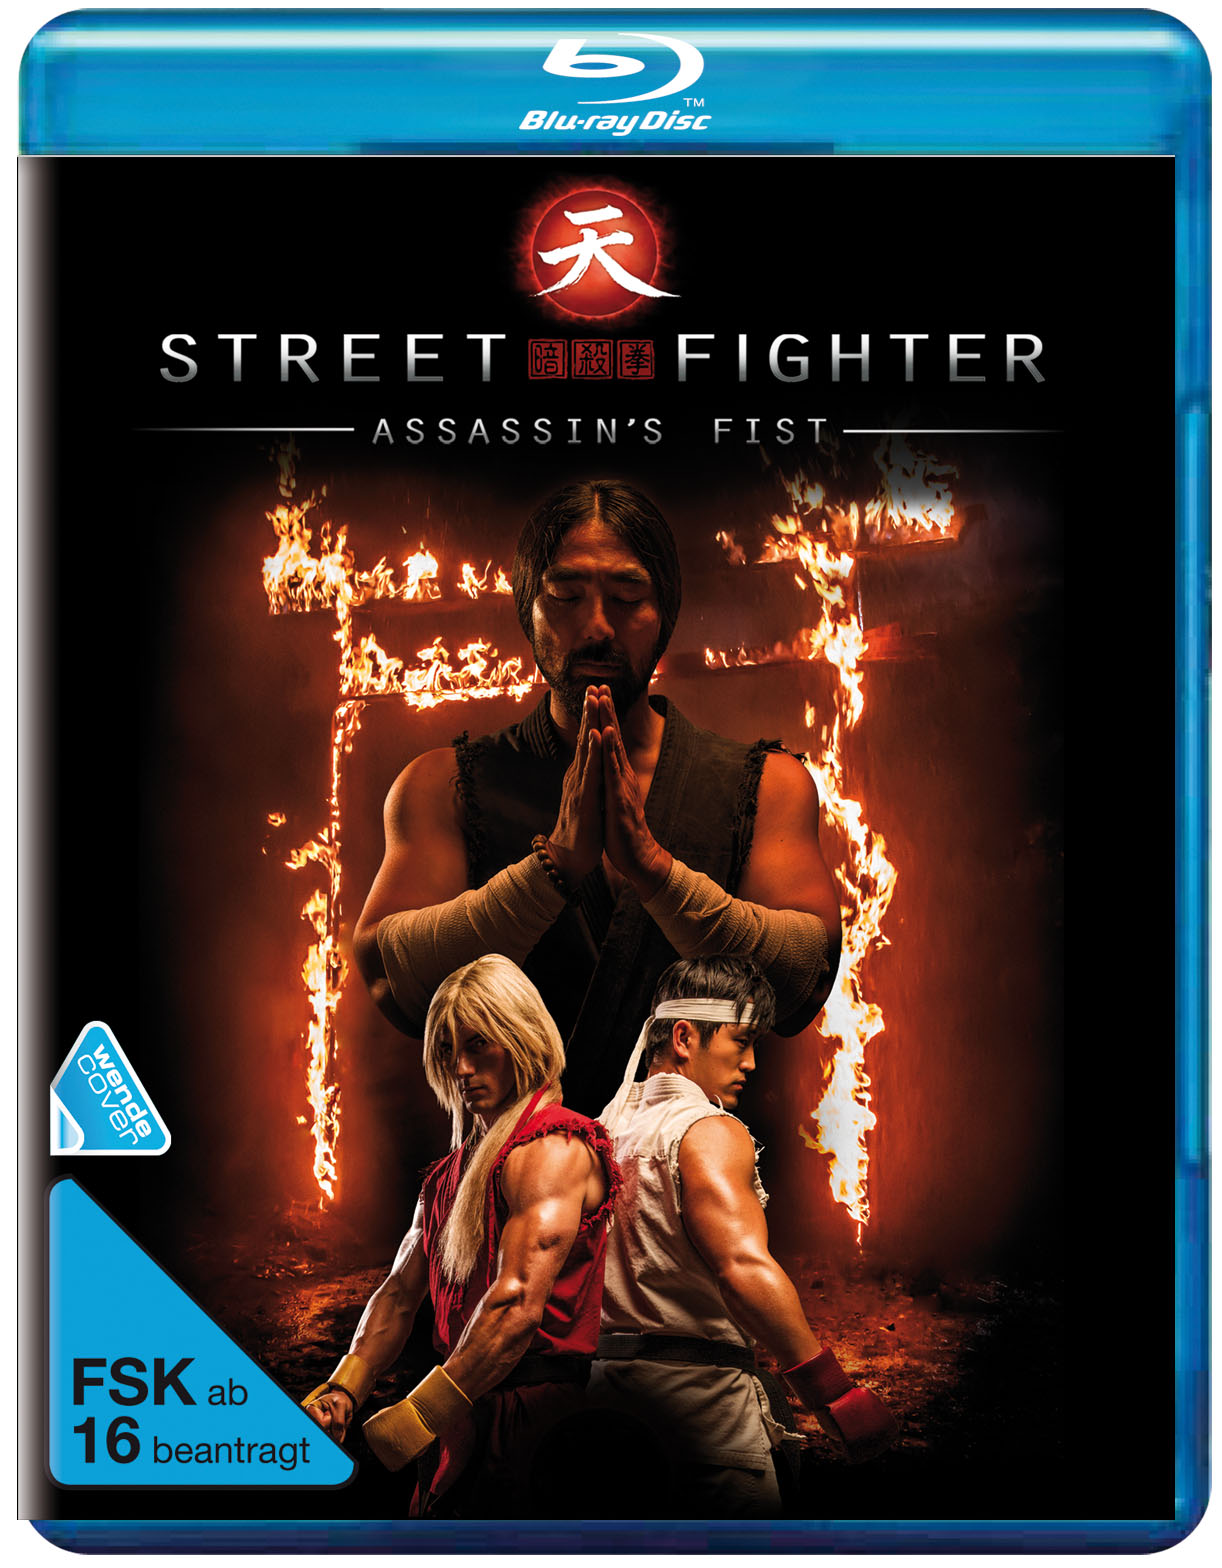 http://playfront.de/wp-content/uploads/street-fighter-blu-ray.jpg